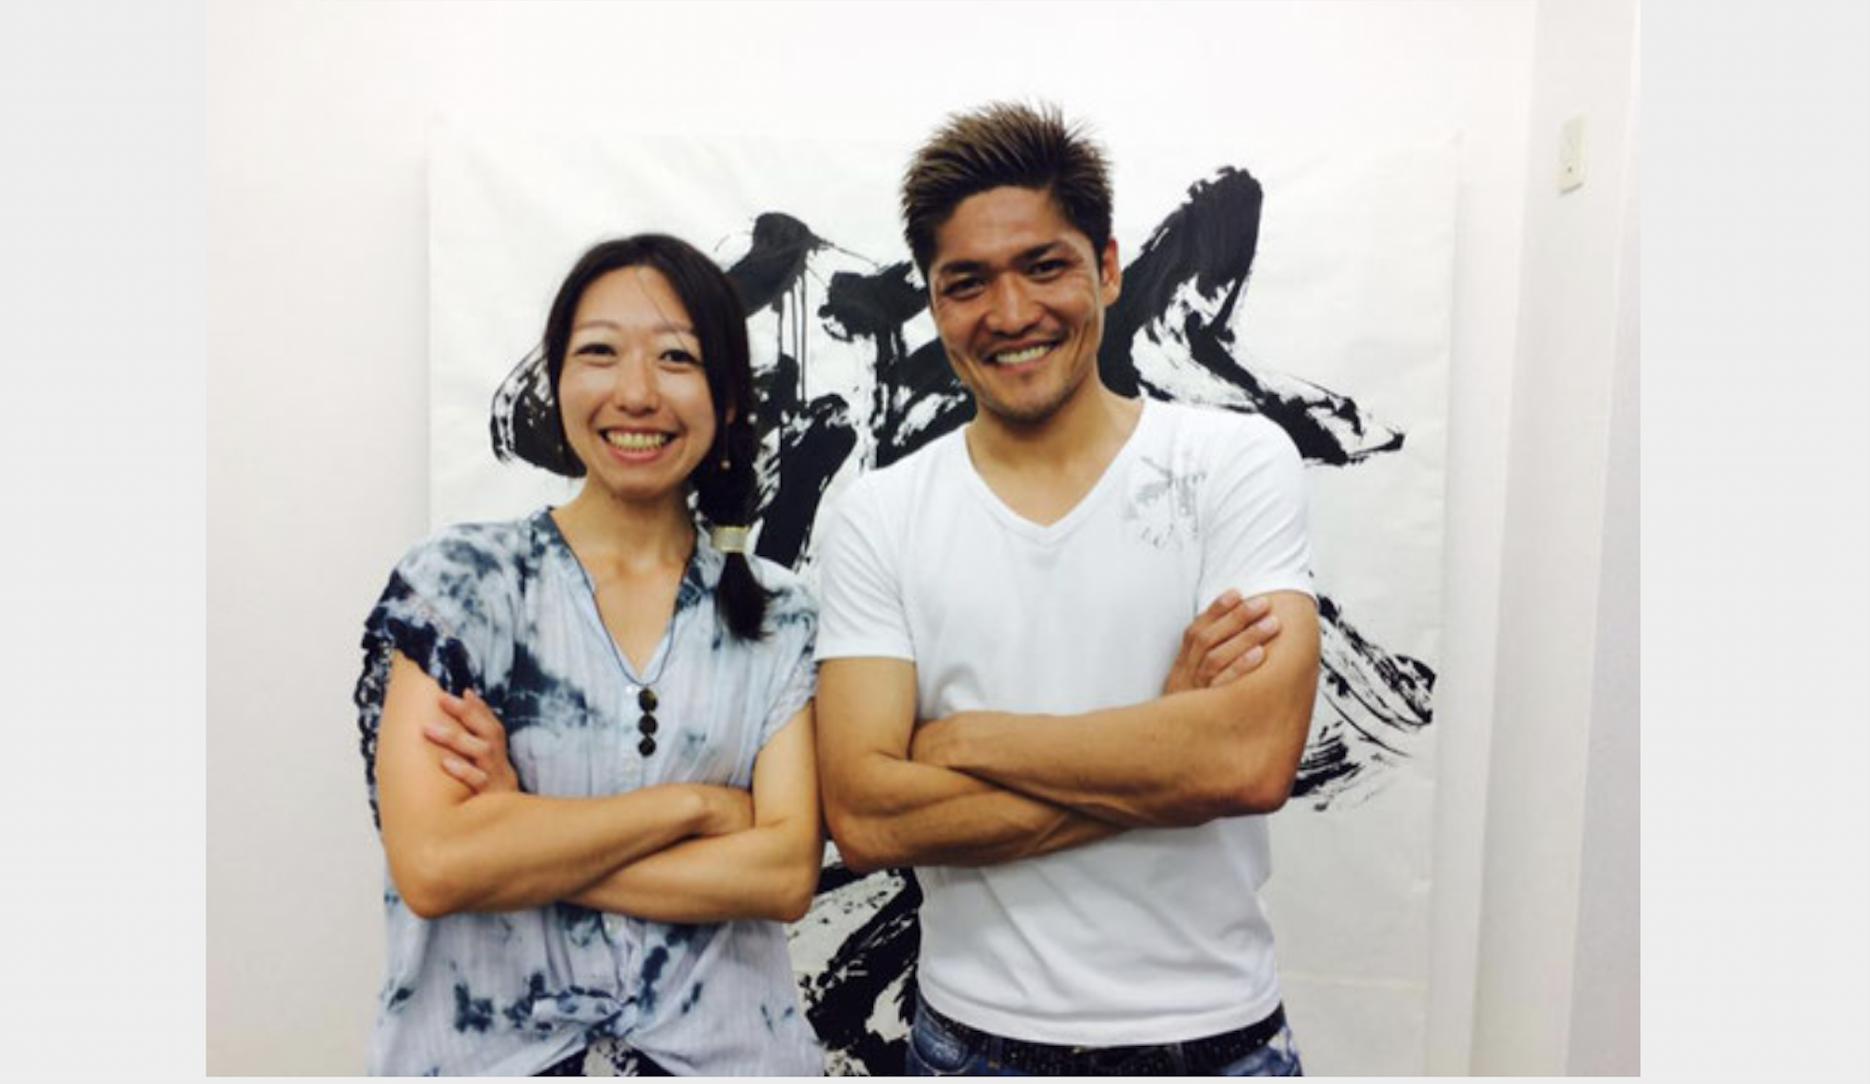 川崎フロンターレ 大久保嘉人選手のサポーターズクラブ TOP画像文字「13」書道パフォーマンス指導をさせていただきました。